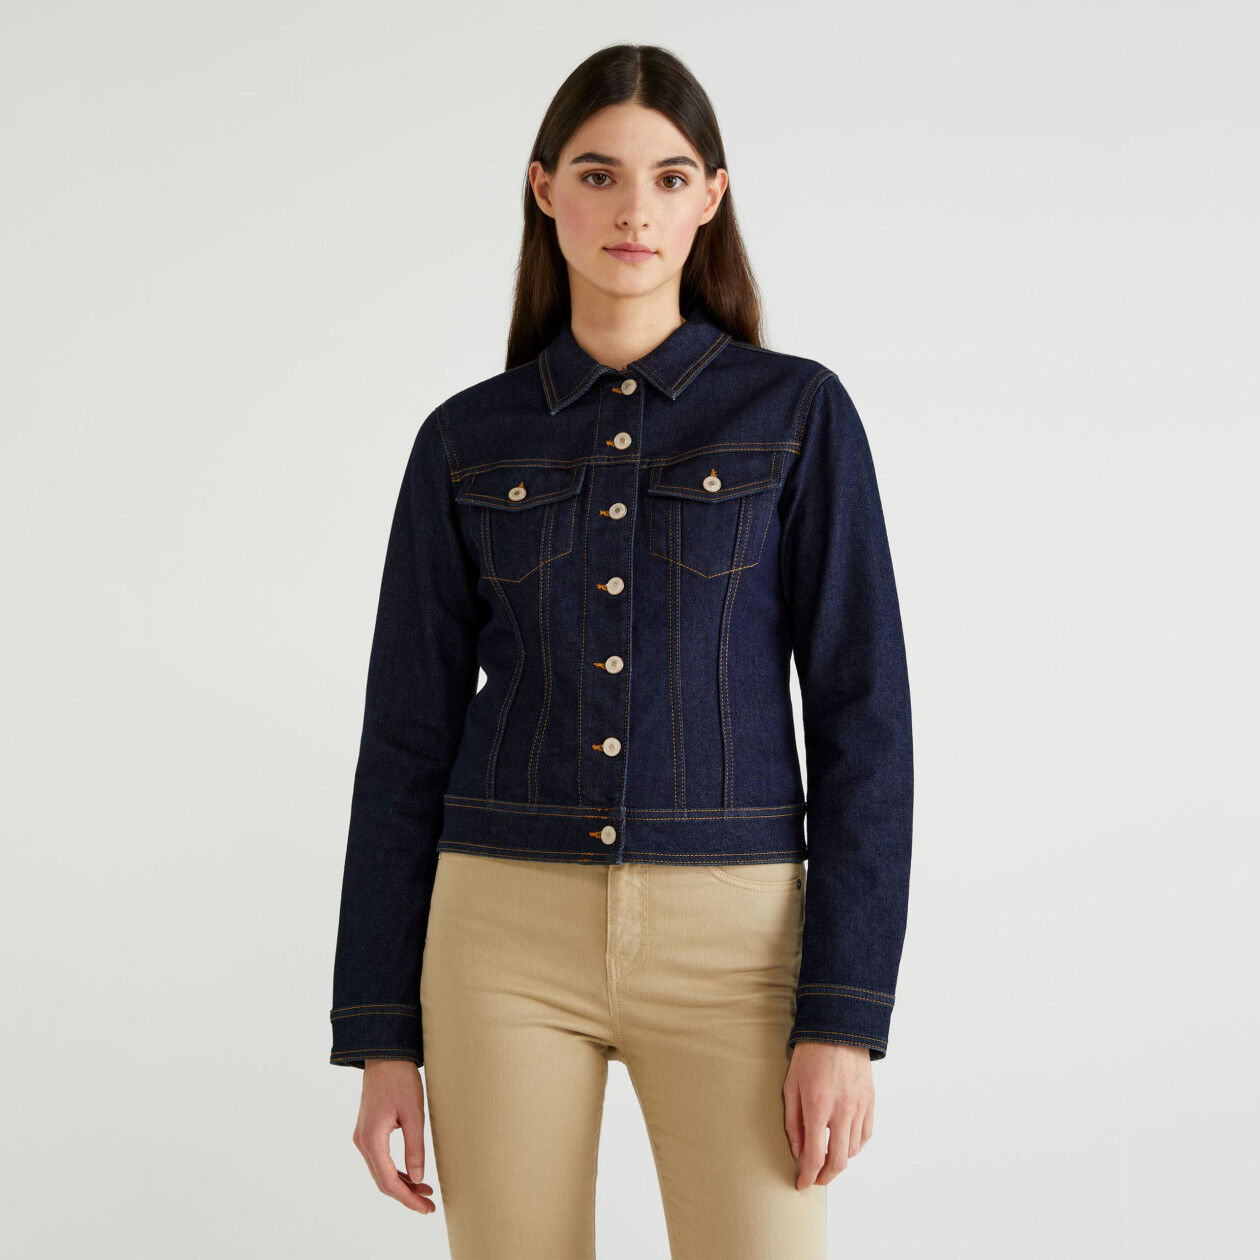 Stretch denim jacket